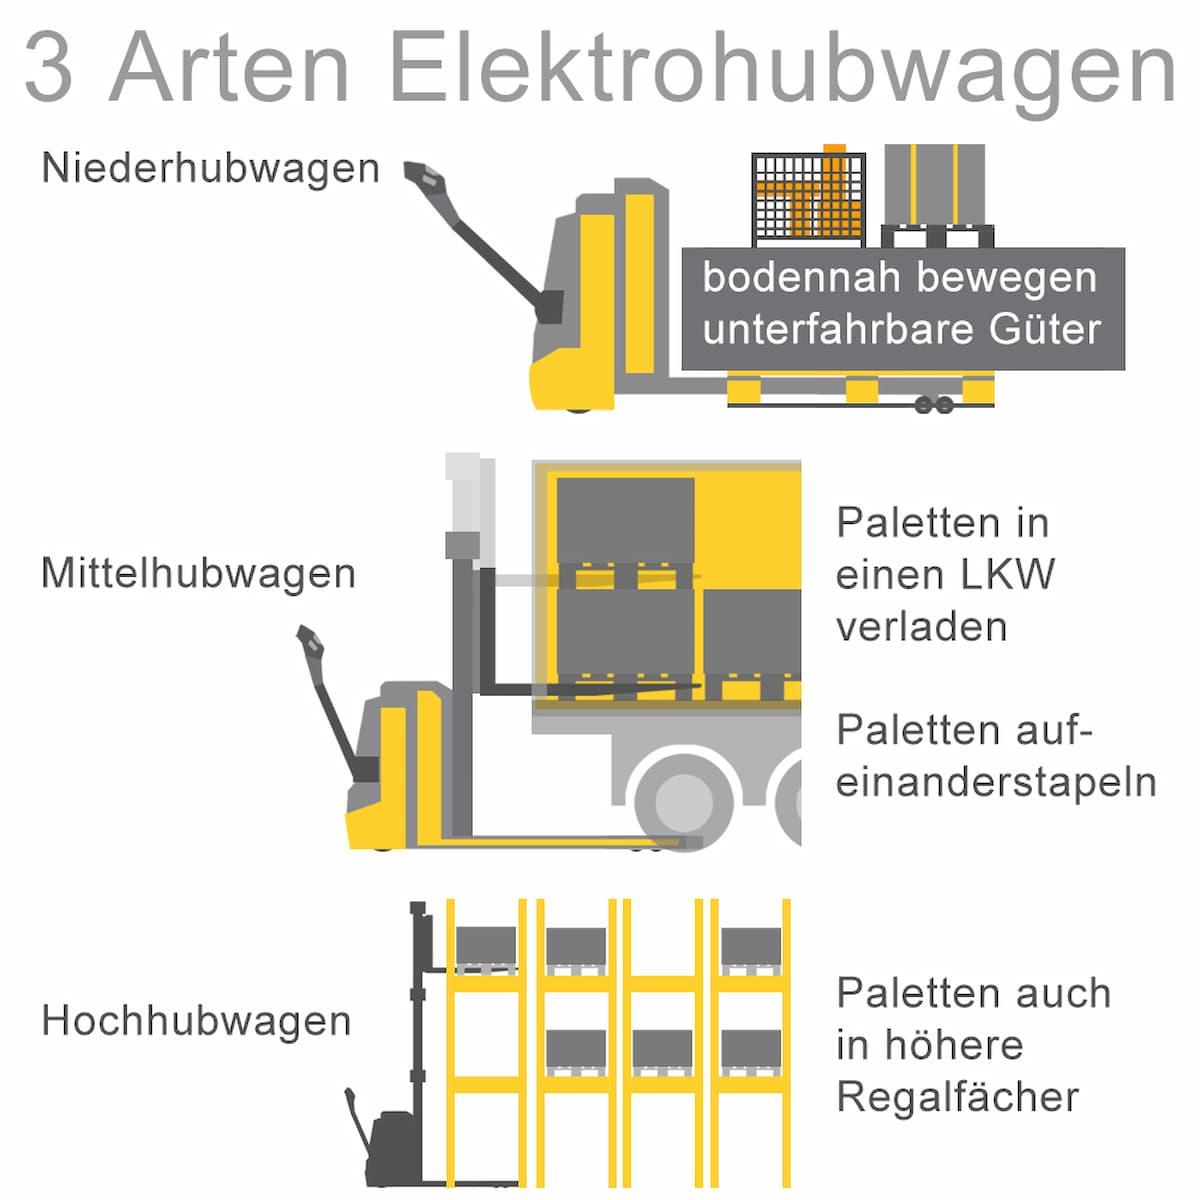 Man kann drei Arten von Elektrohubwägen unterscheiden